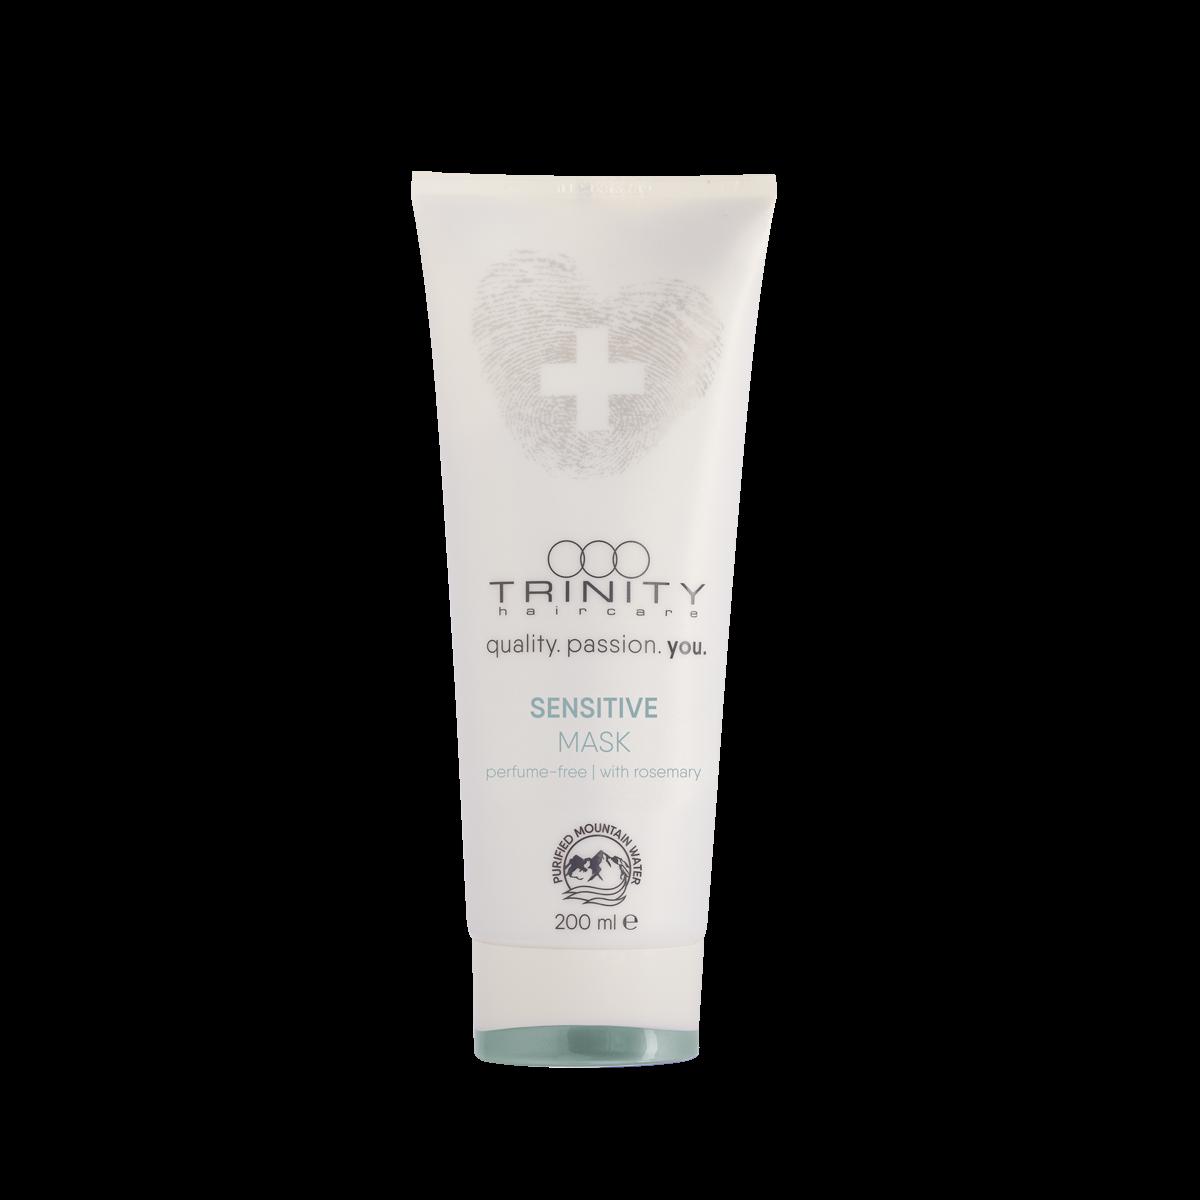 Фото - Trinity Hair Care Маска Therapies Sensitive Mask для Чувствительной Кожи Головы, 200 мл trinity hair care маска essentials summer mask с уф фильтром 200 мл